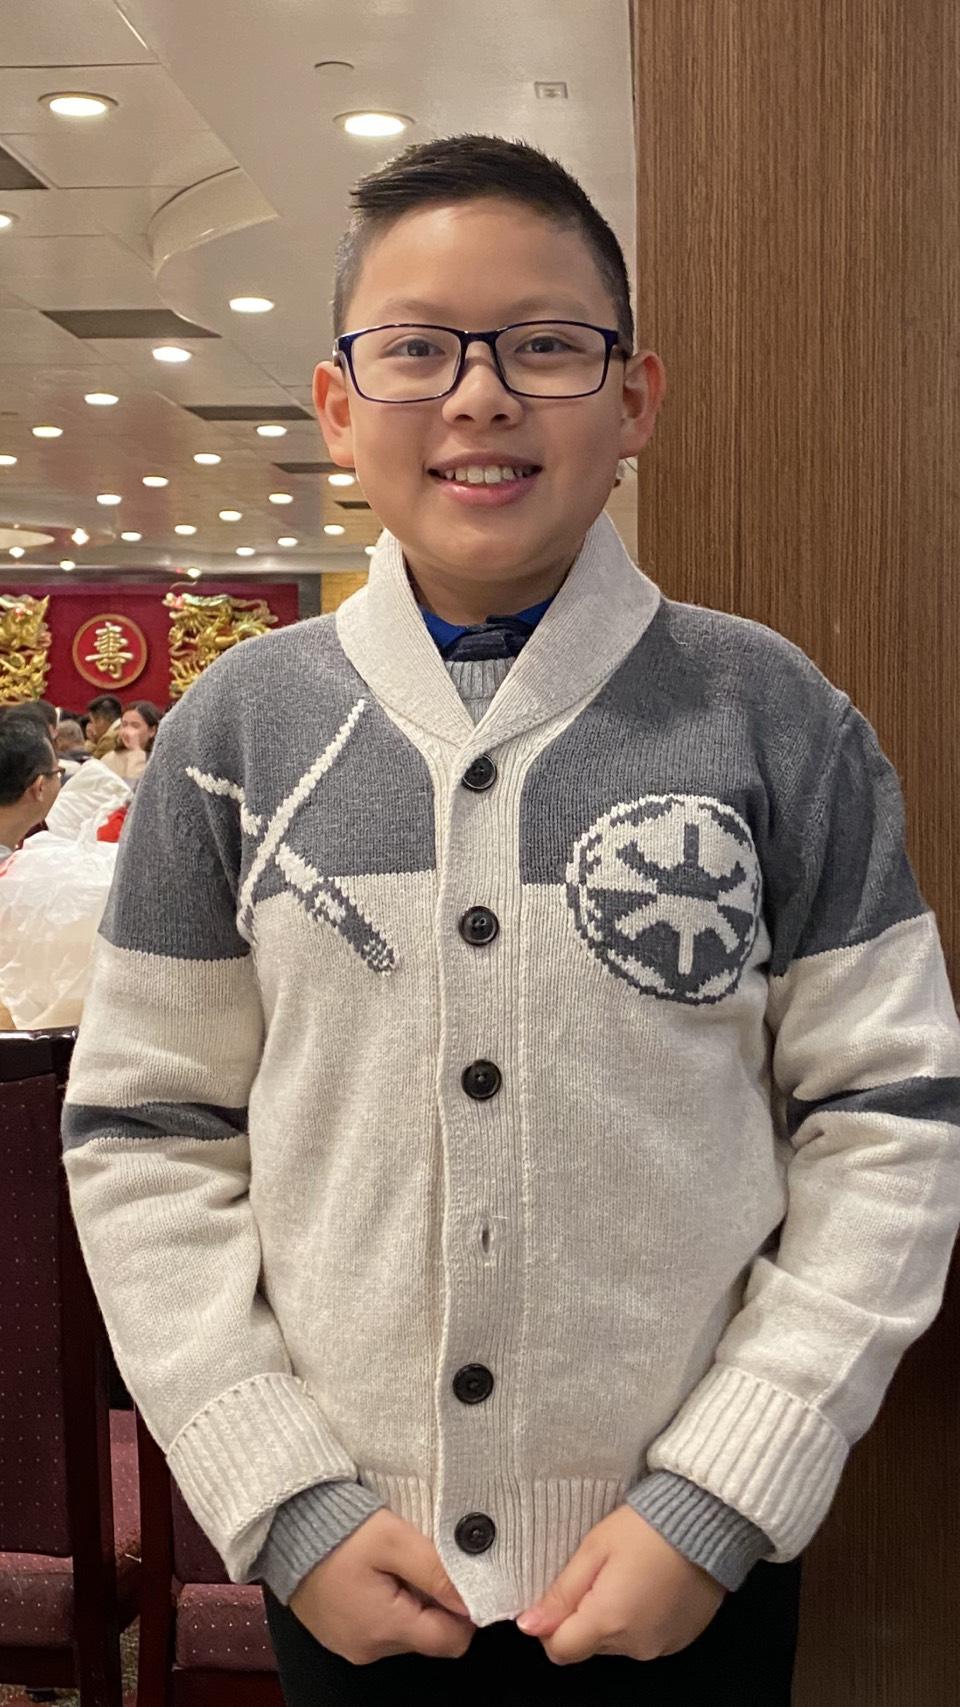 Cậu bé 11 tuổi Andy Đào Nguyên được nghỉ học 1 thêm tuần nên quyết theo mẹ dành những ngày nghỉ này đi tuyên truyền về việc mang khẩu trang phòng cúm.